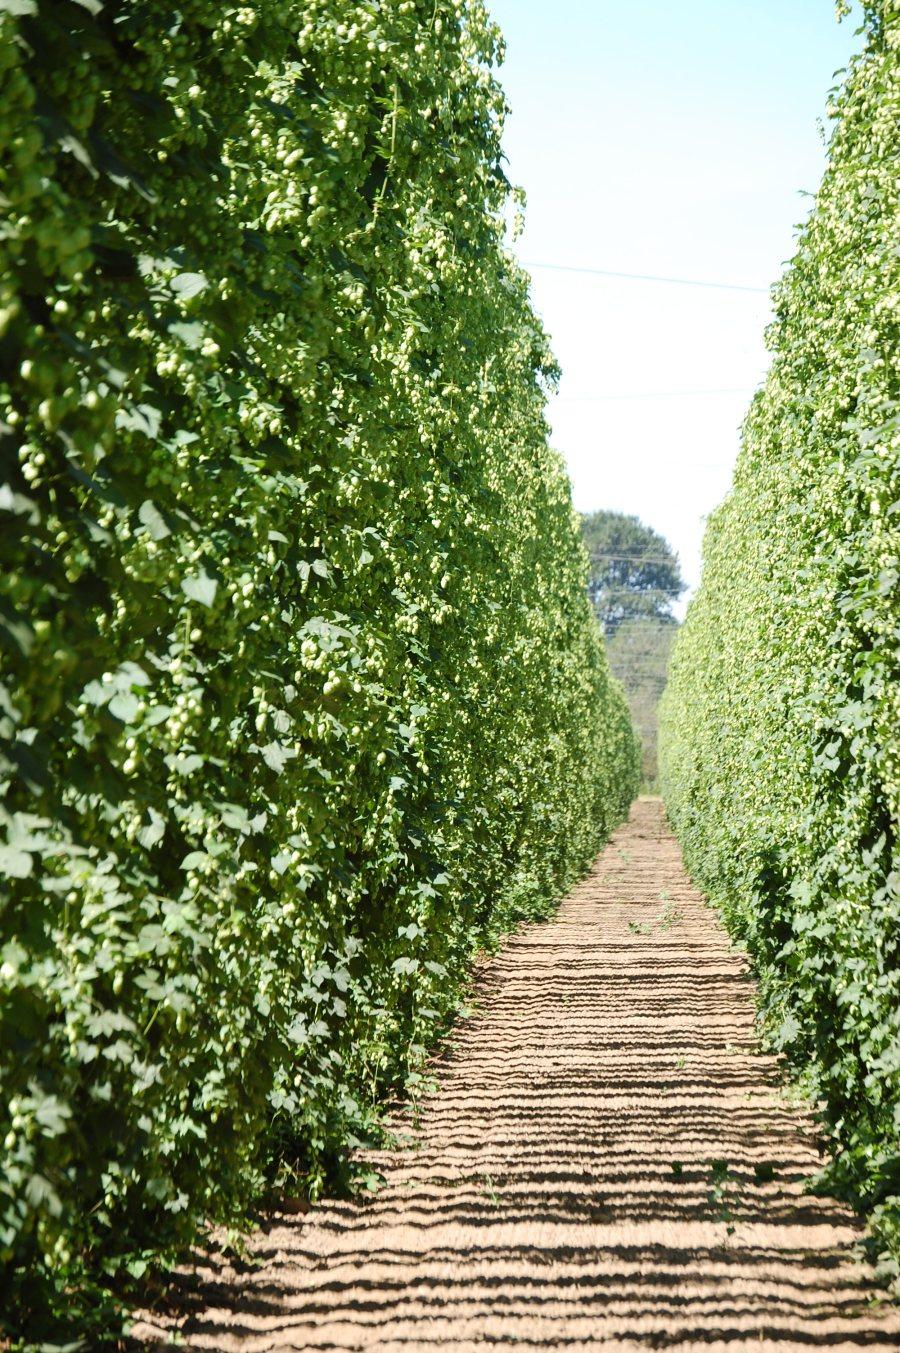 Oregon hops